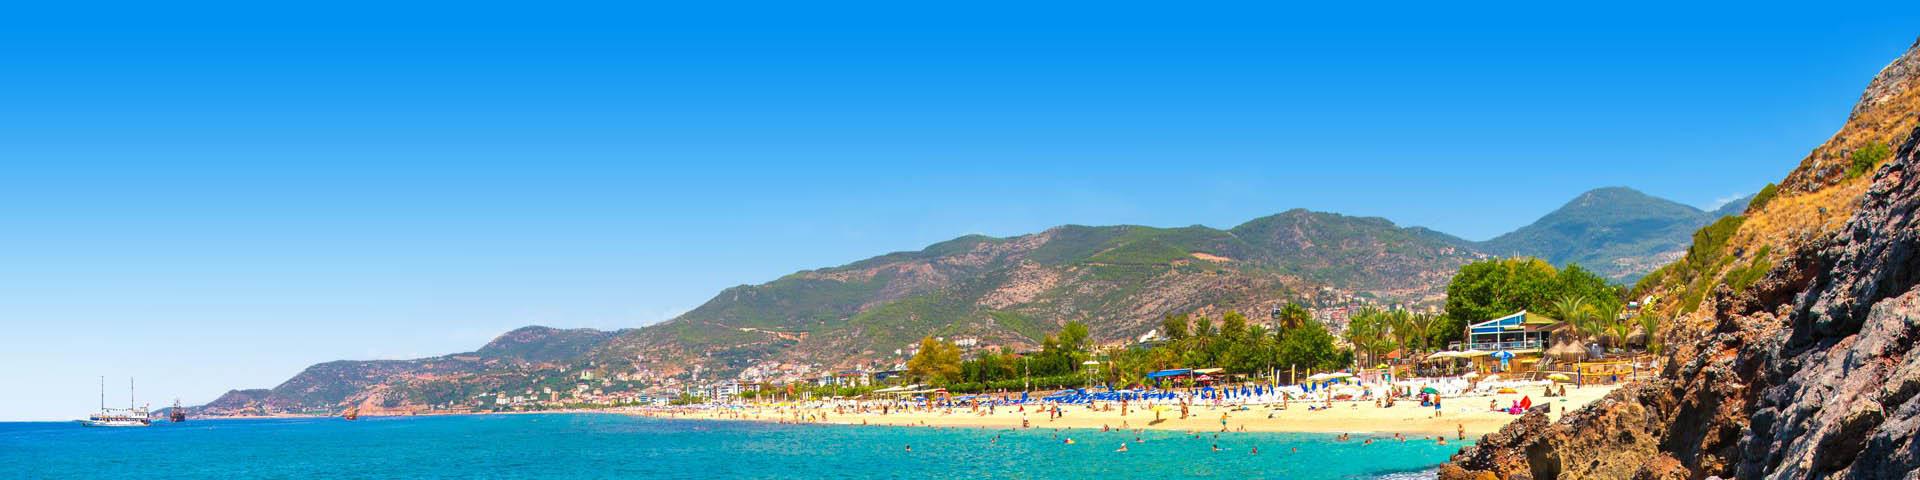 Strand met blauw water en bergen op de achtergrond